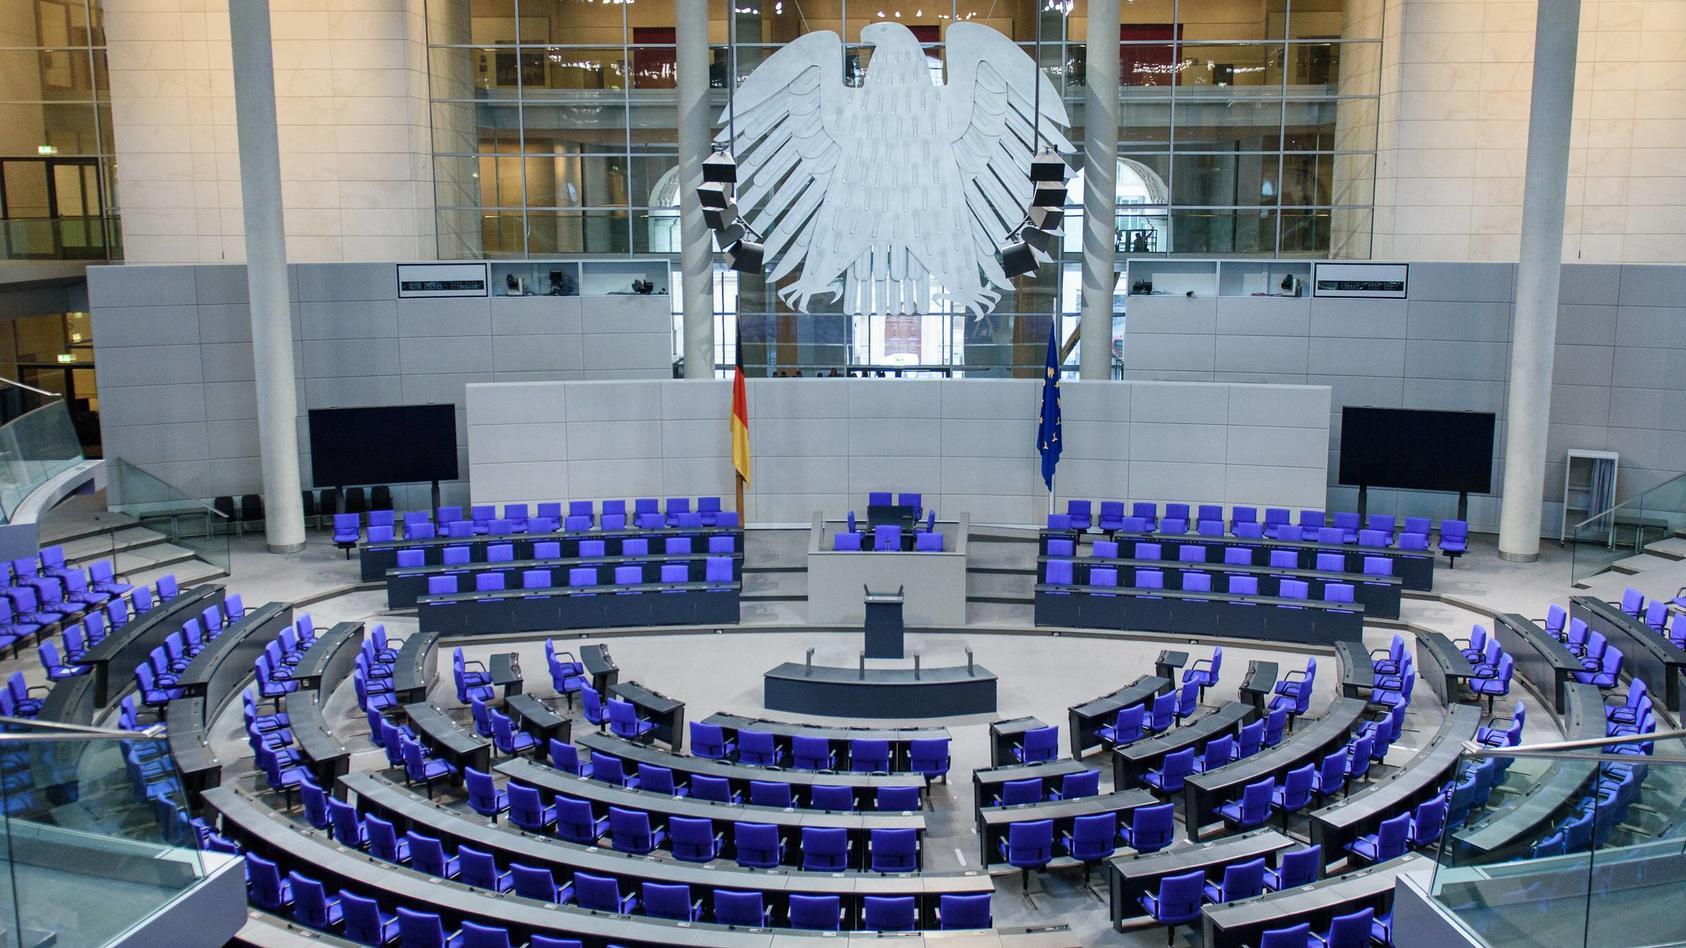 Plenarsaal Bundestag Deutschland Berlin 17 12 2018 Der Leere Plenarsaal des deutschen Bundestag